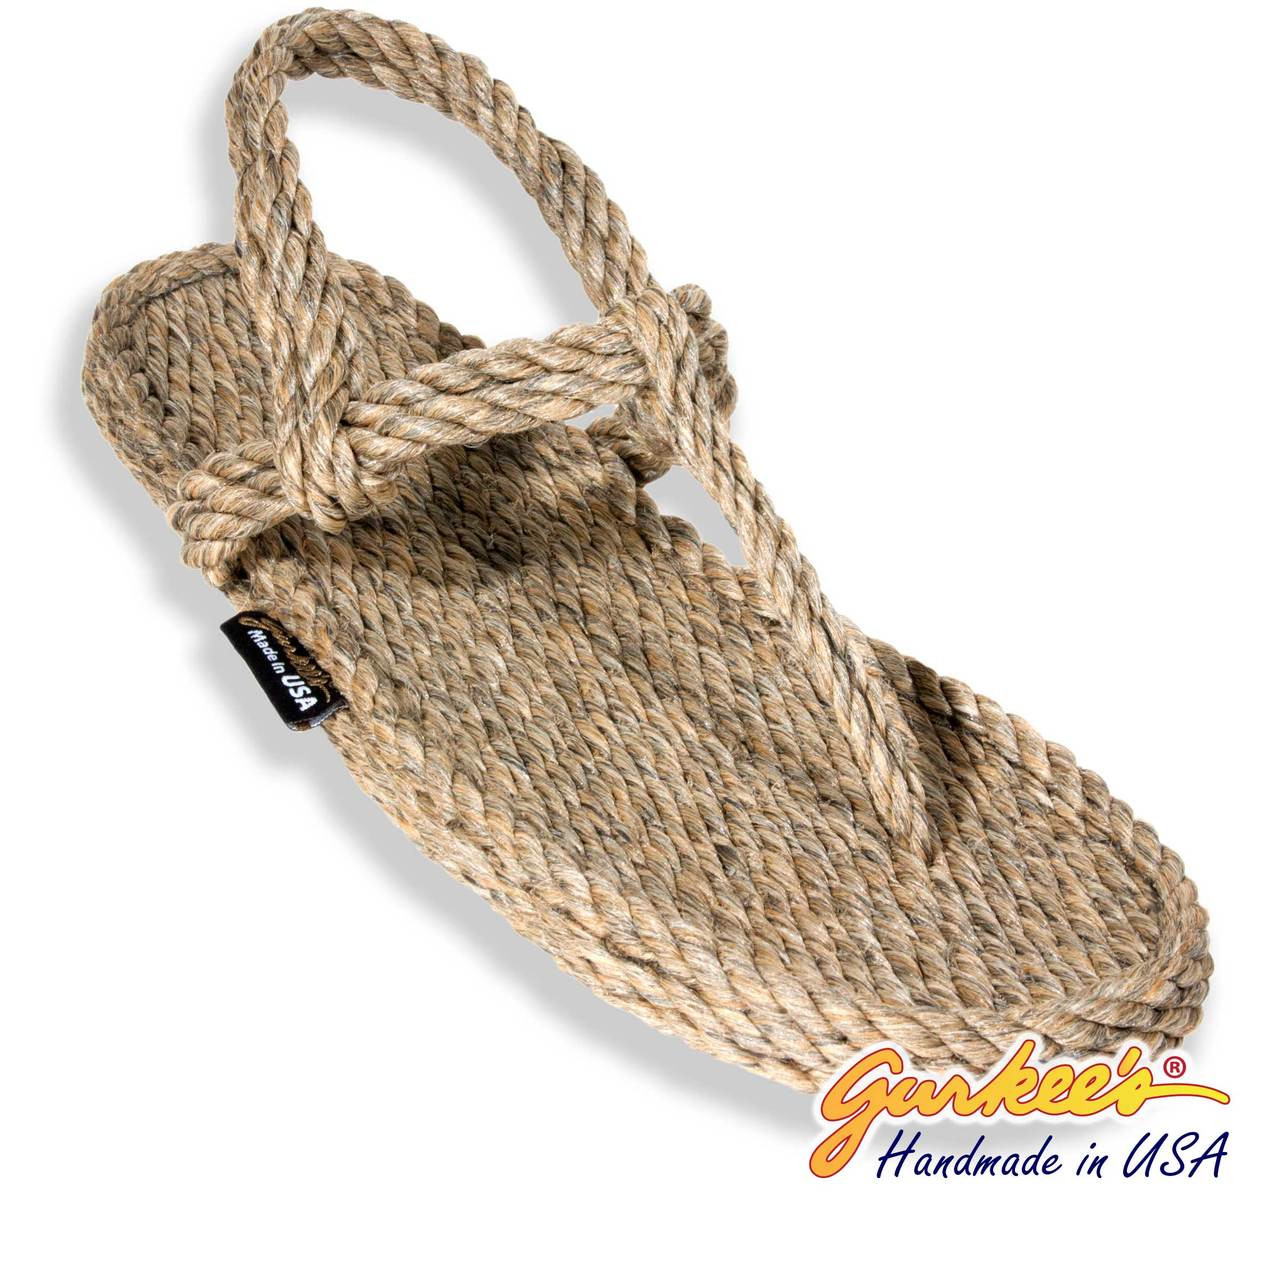 a1ccf667893e Signature Trinidad Hemp Color Rope Sandals - Gurkee s